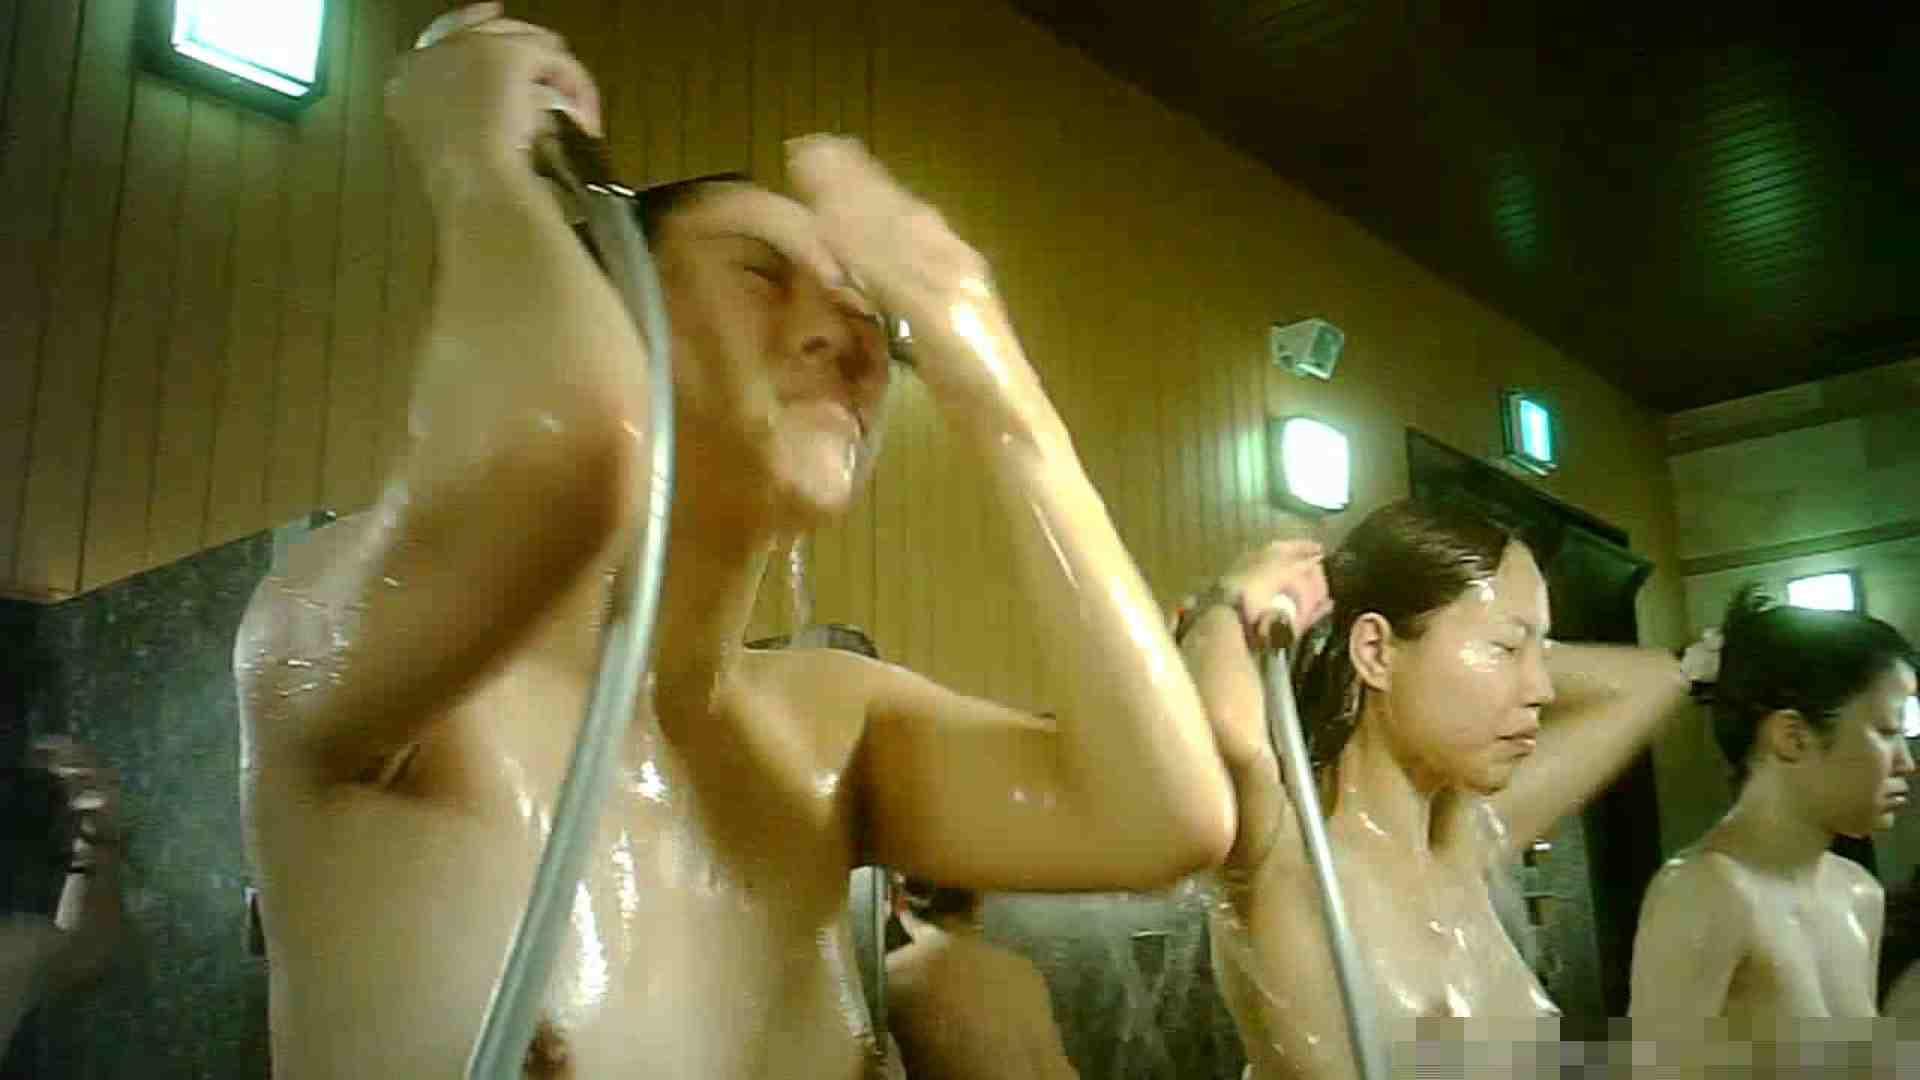 Vol.51 追い撮り!下着も顔もセクシー!洗い合いっこはナイスです。 潜入 覗き性交動画流出 105pic 66